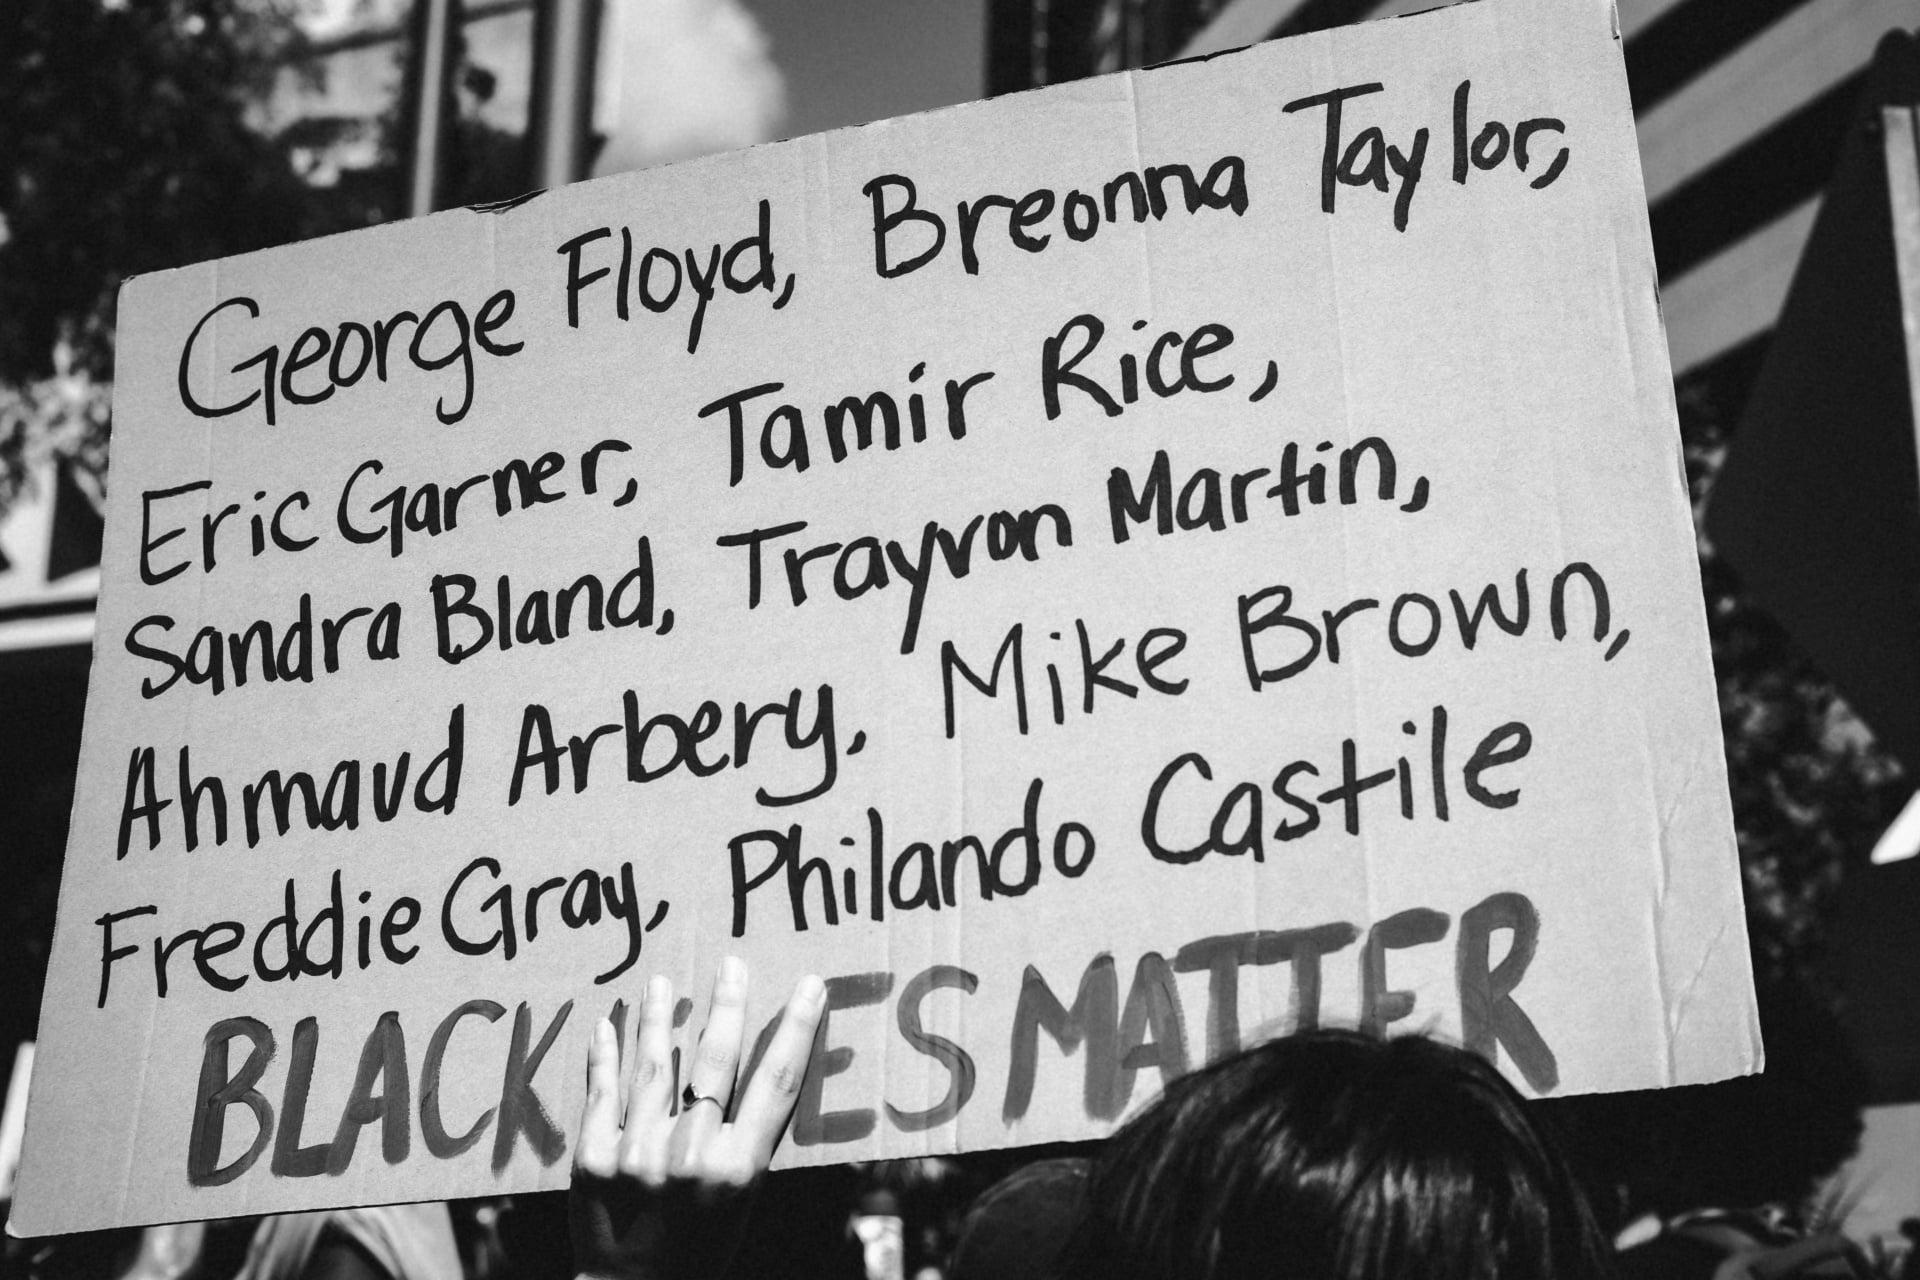 Siyahi Toplumun Tam Desteğimizi Hak Ettiğini Hatırlayın